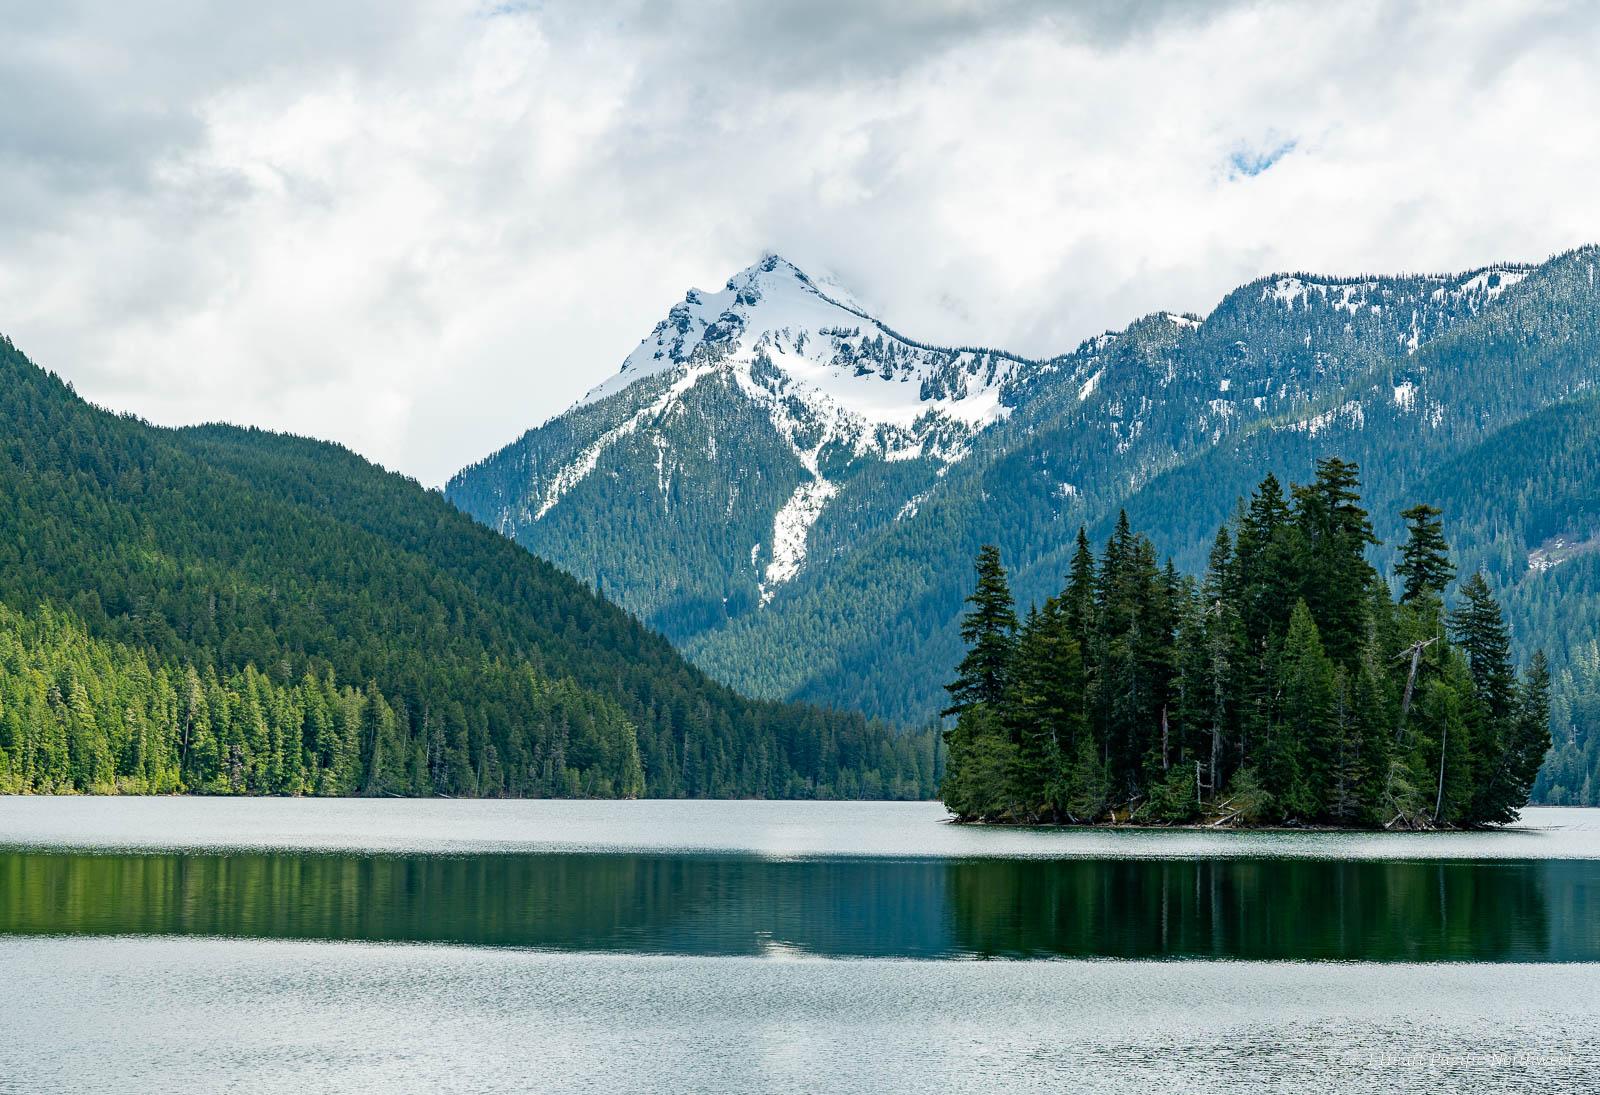 Packwood Lake backpacking trip